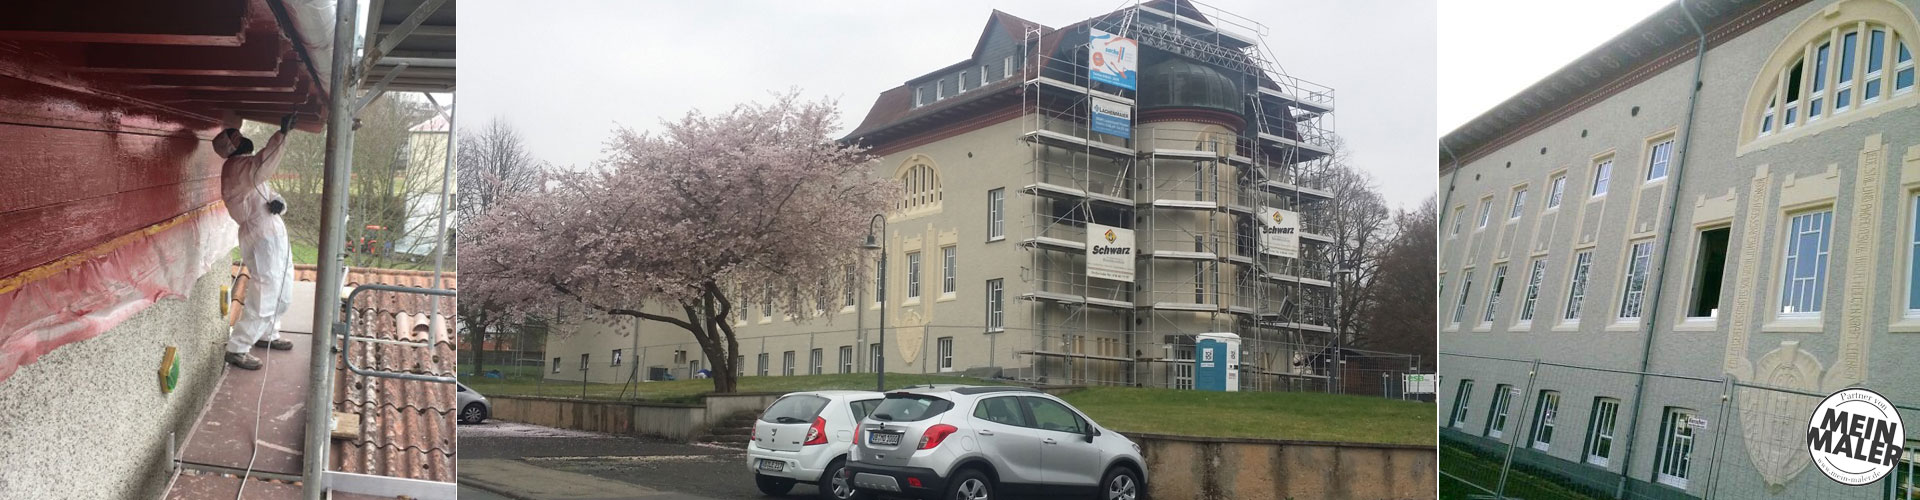 Fassadensanierung der Adolf-Spieß-Halle in Lauterbach